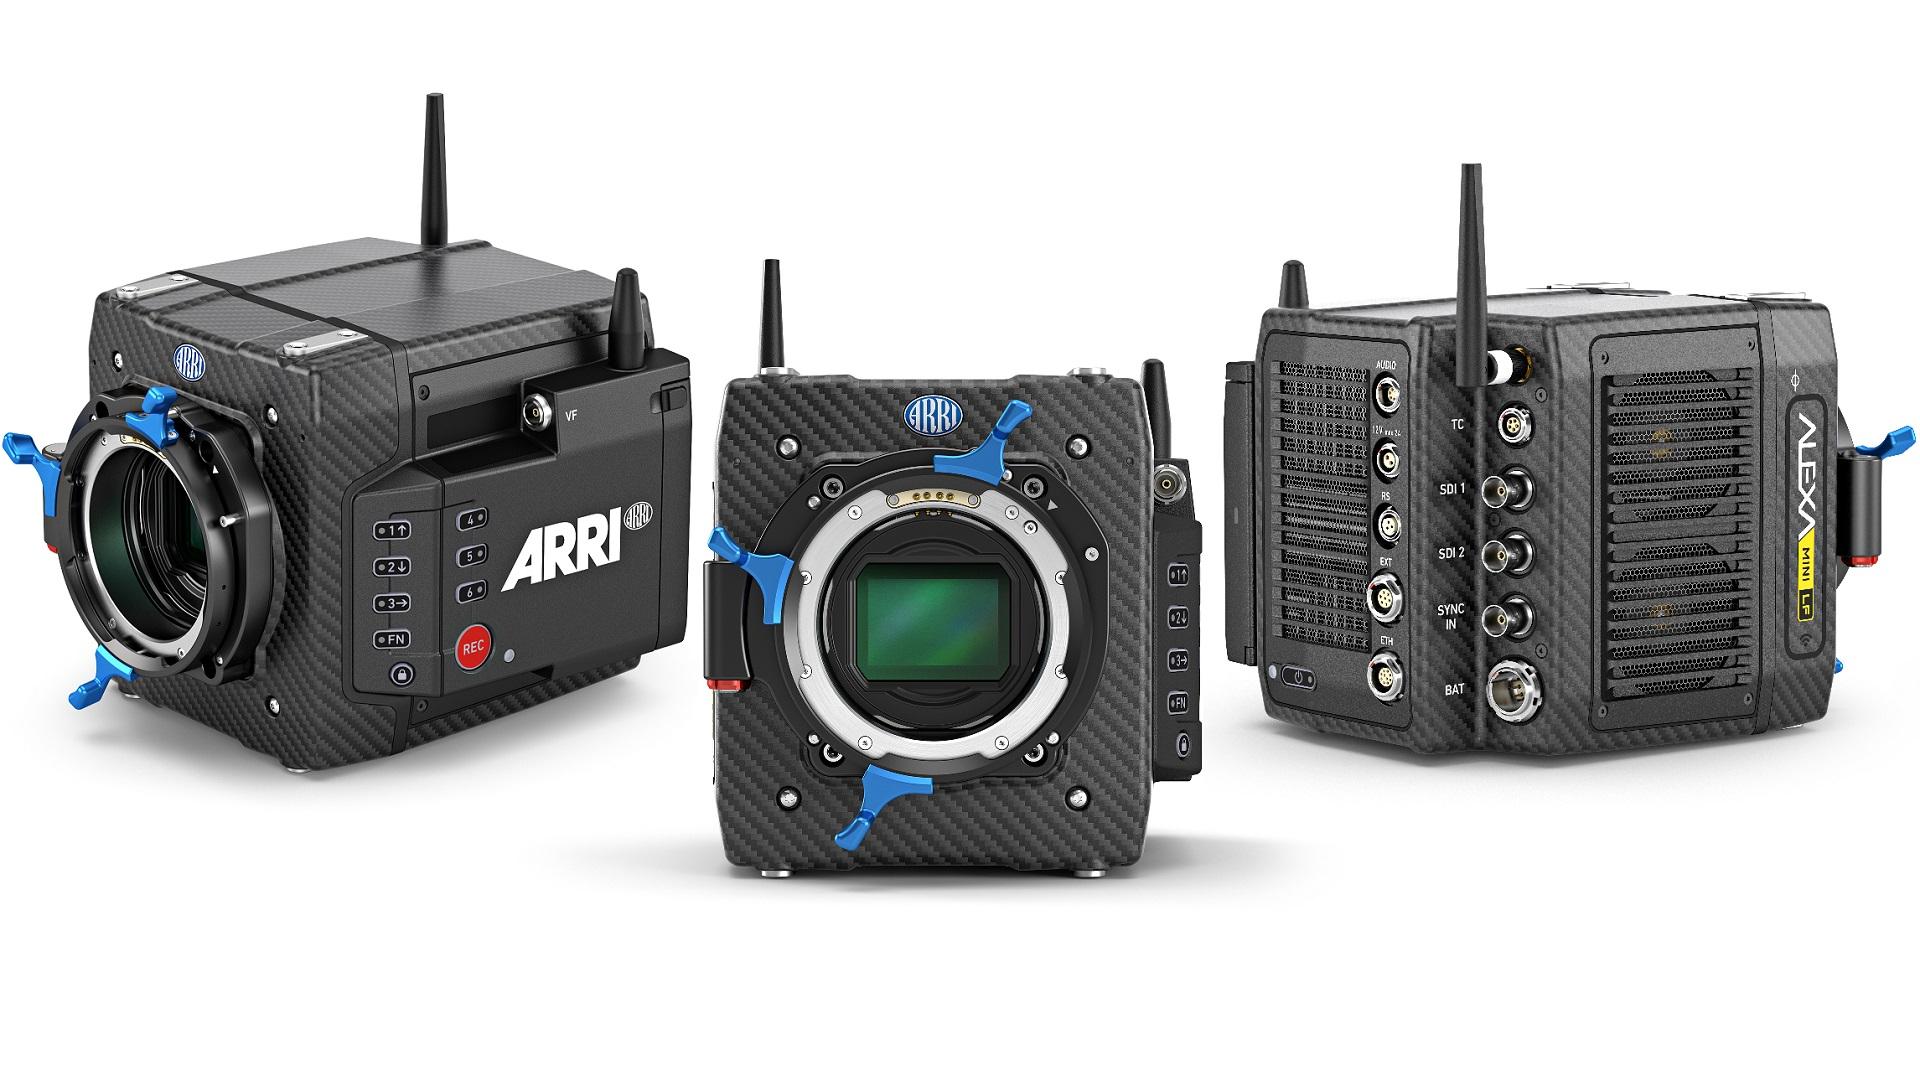 Anuncian la ARRI ALEXA Mini LF – un nuevo sensor 4.5K de formato grande en un cuerpo de cámara pequeño